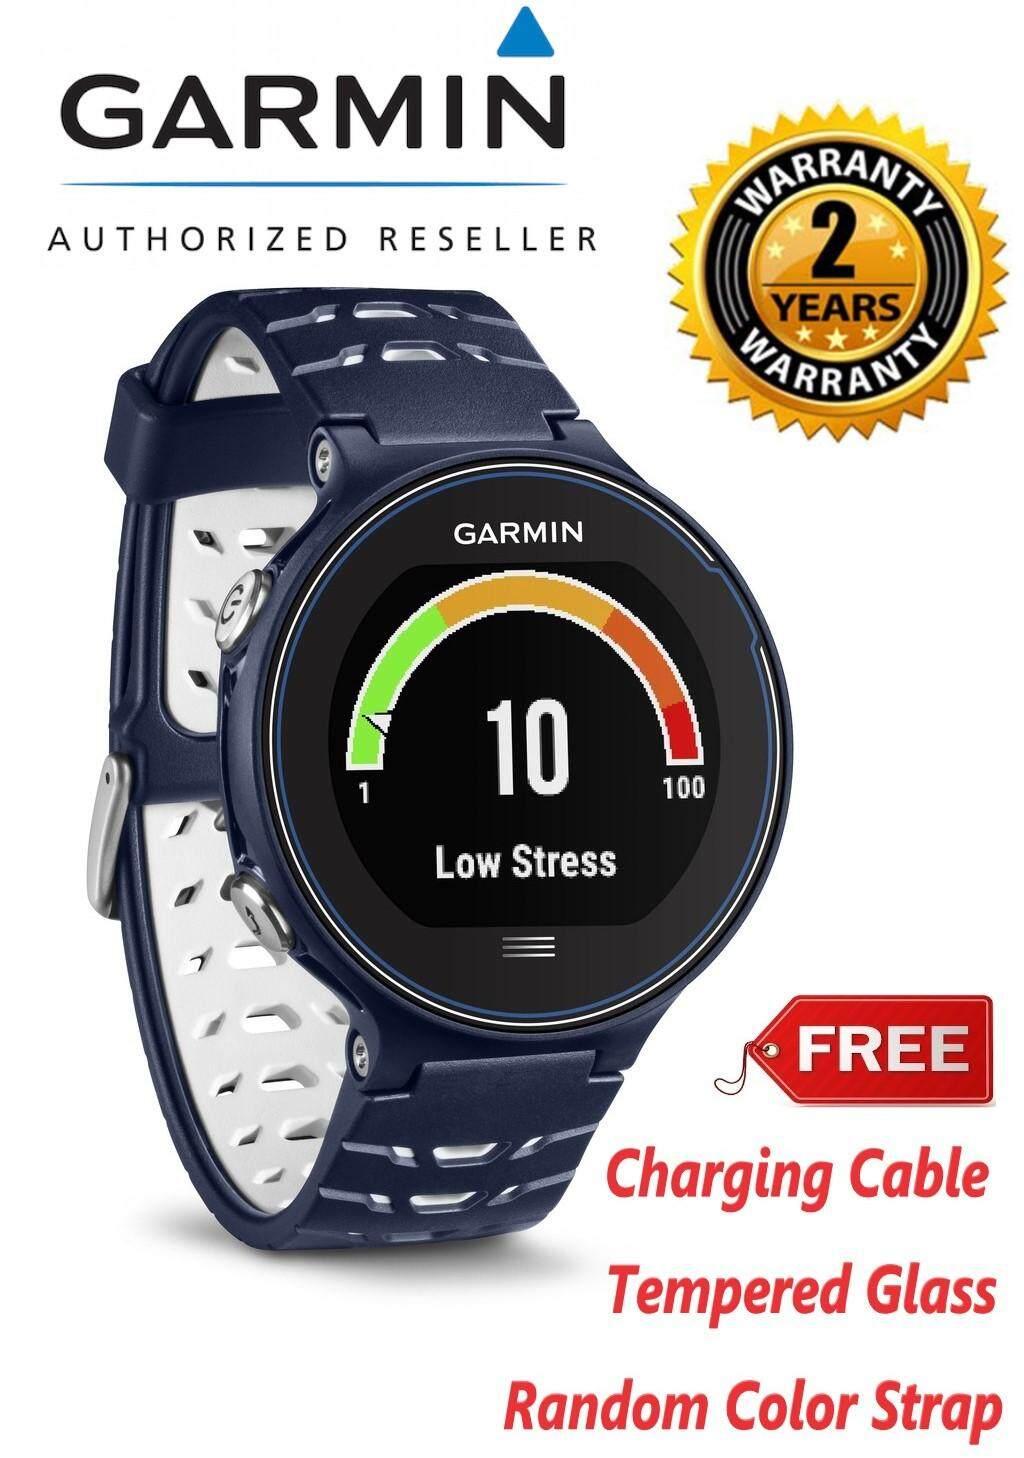 Garmin Forerunner 630 + Free Gift